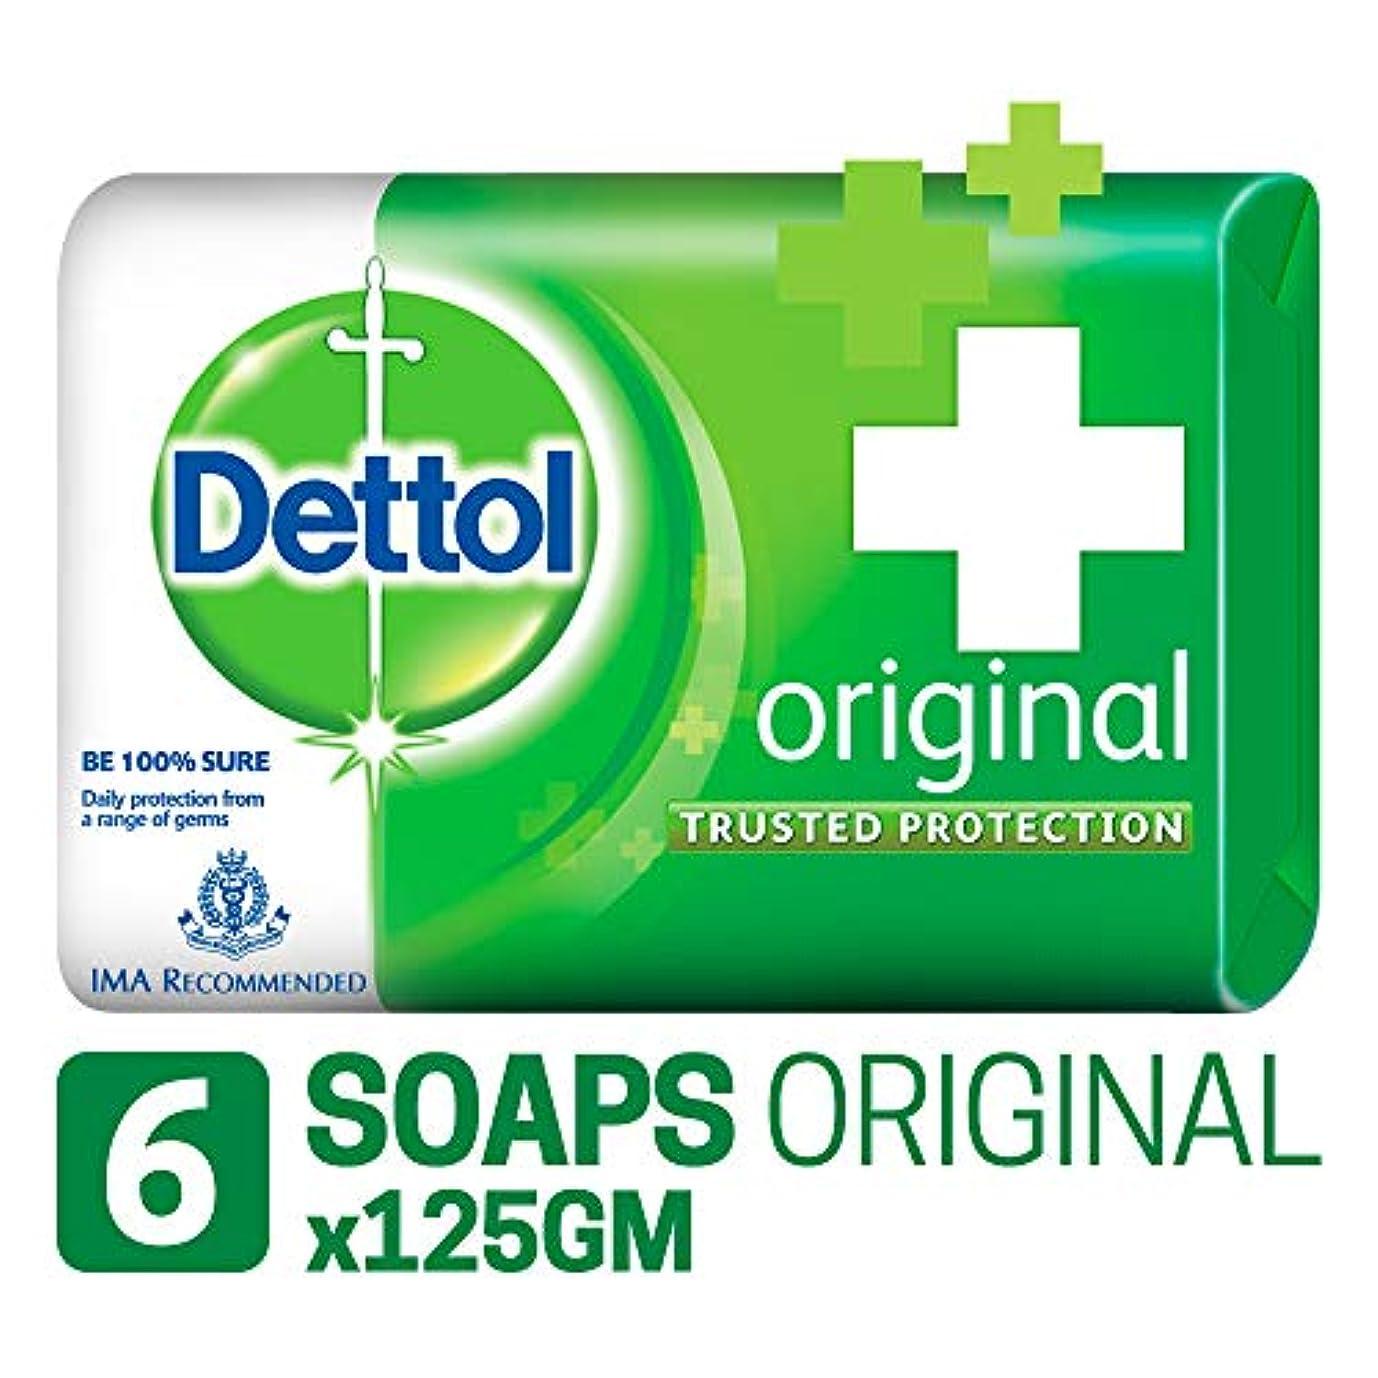 ダーベビルのテス哲学者ページェントDettol Original Soap, 125g (Pack Of 6) SHIP FROM INDIA